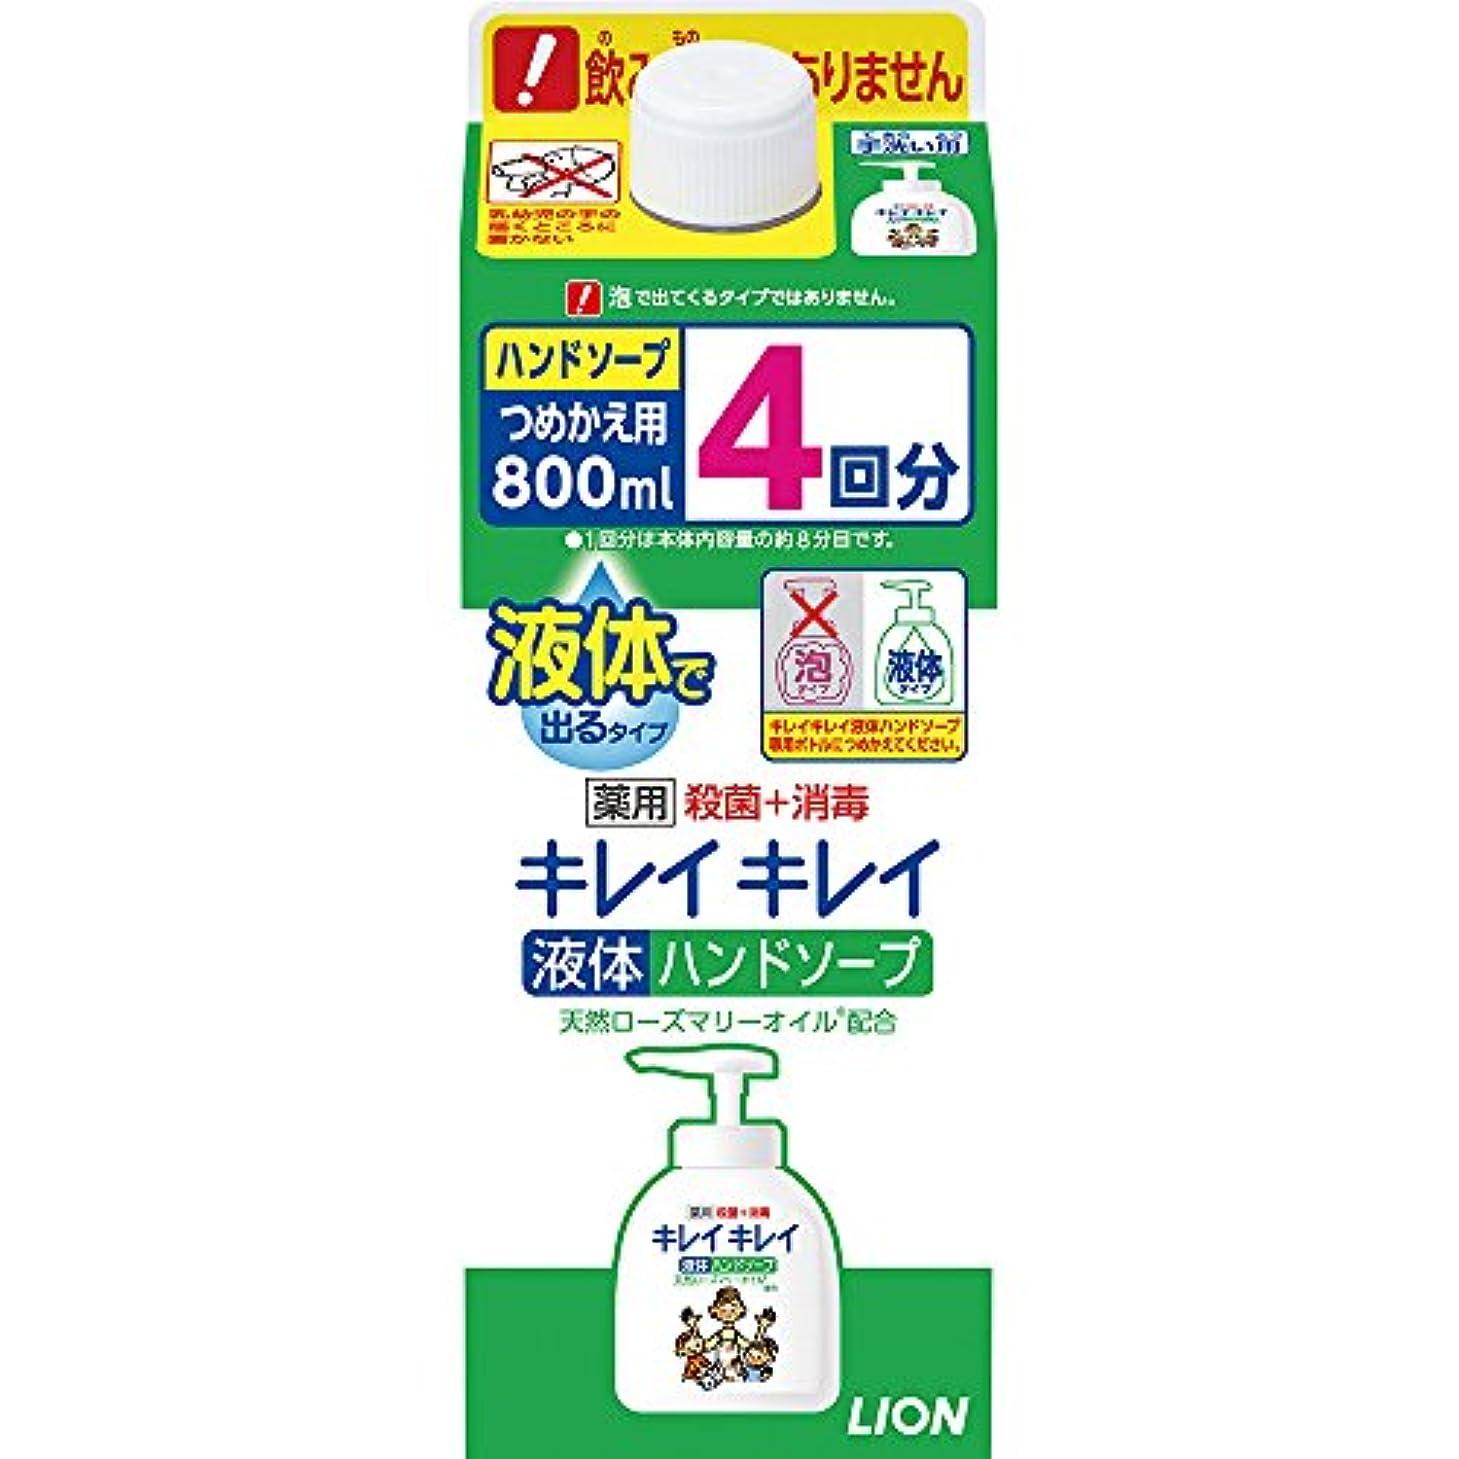 アピールロープ偽造(医薬部外品)【大容量】キレイキレイ 薬用 液体ハンドソープ 詰め替え 特大 800ml